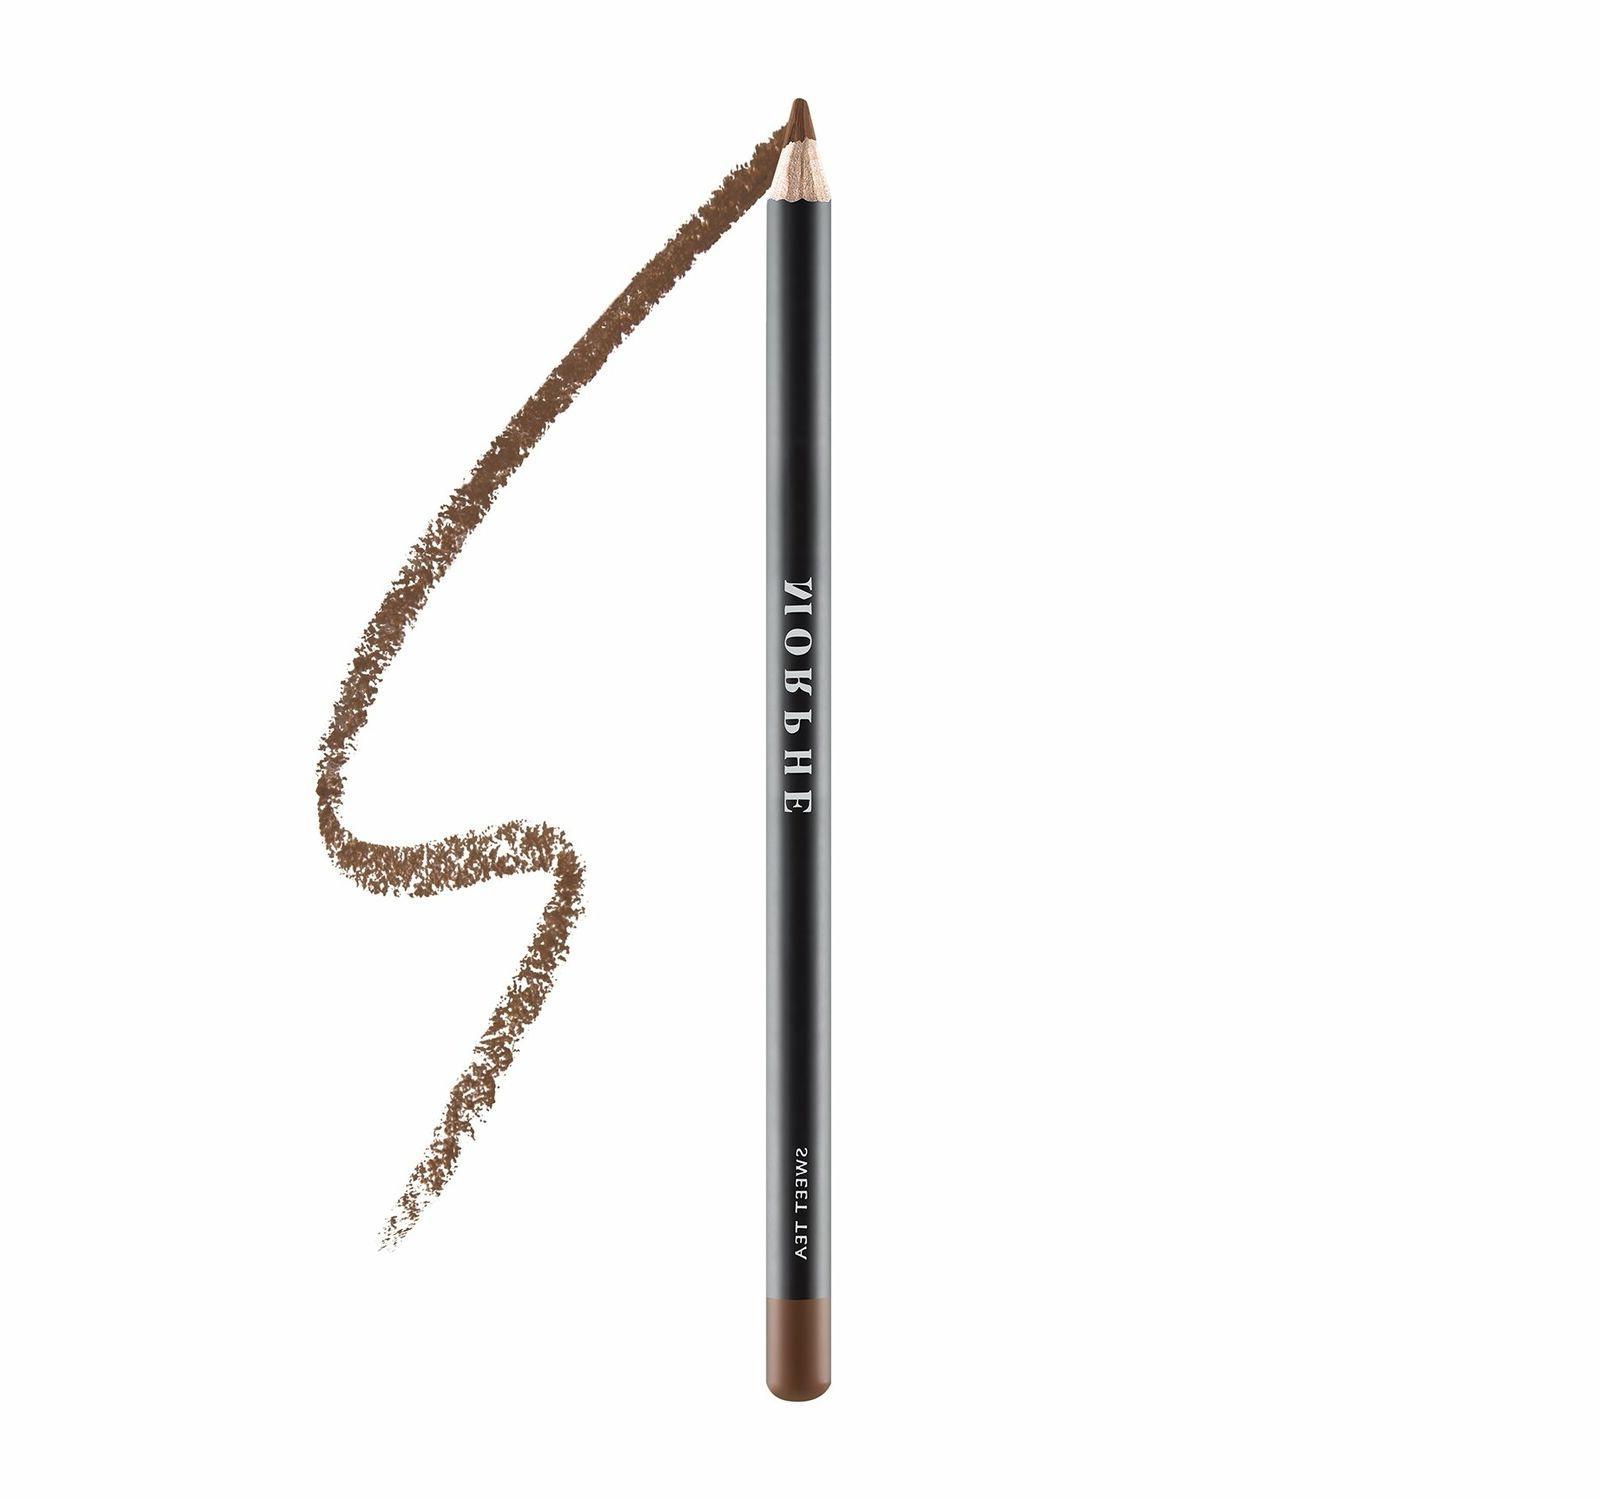 Morphe Color Pencil in Sweet Tea Lip Liner / Eyeliner 1.5g N